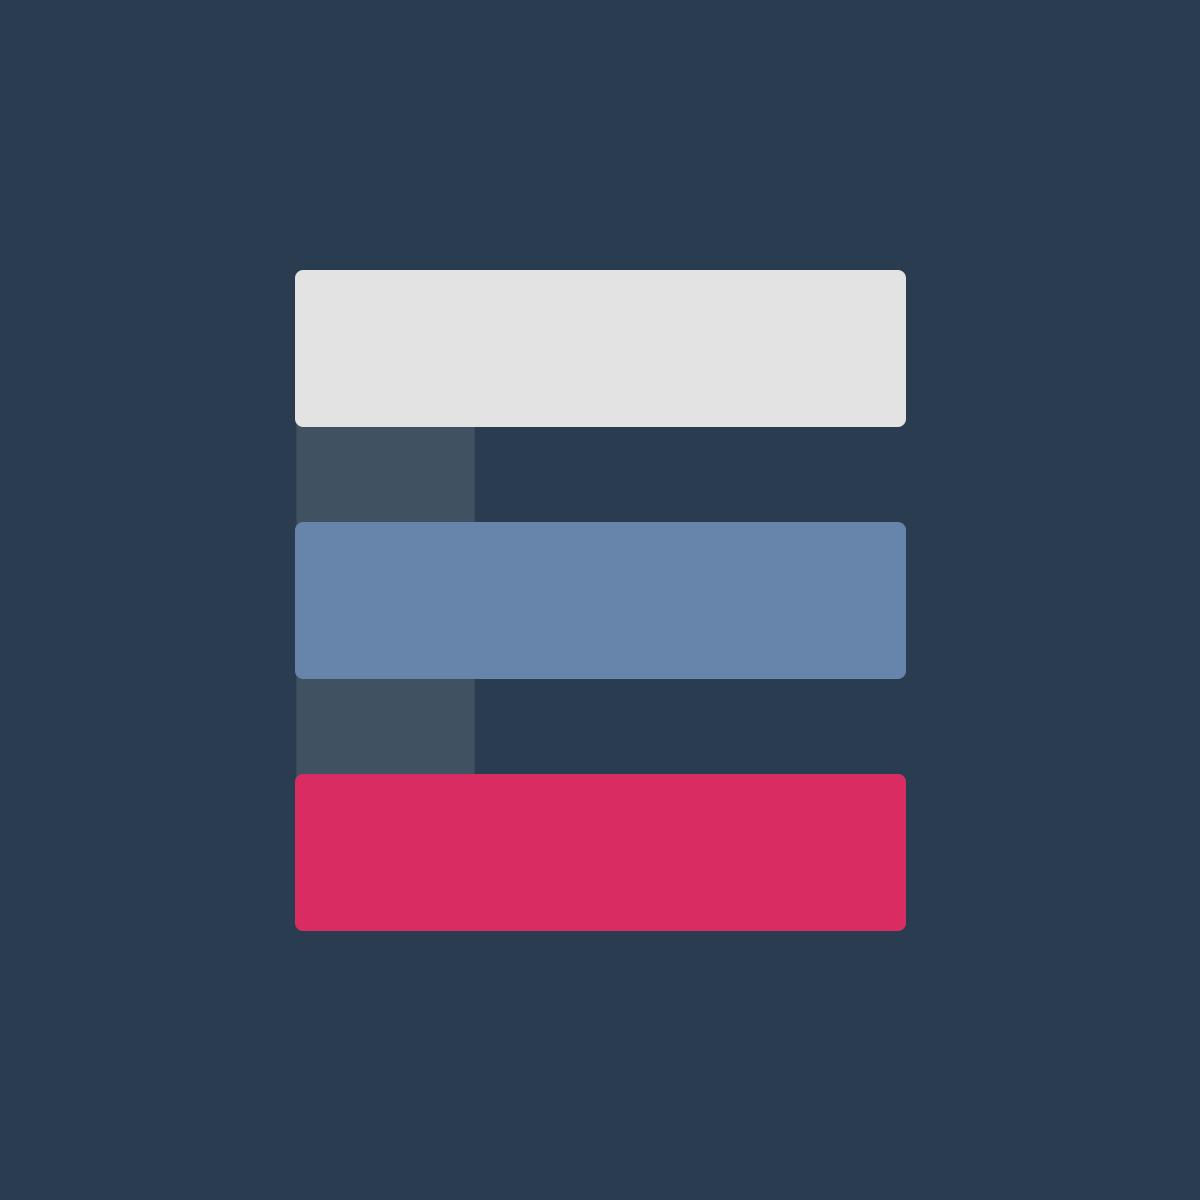 Shopify Events Calendar app by Event calendar app